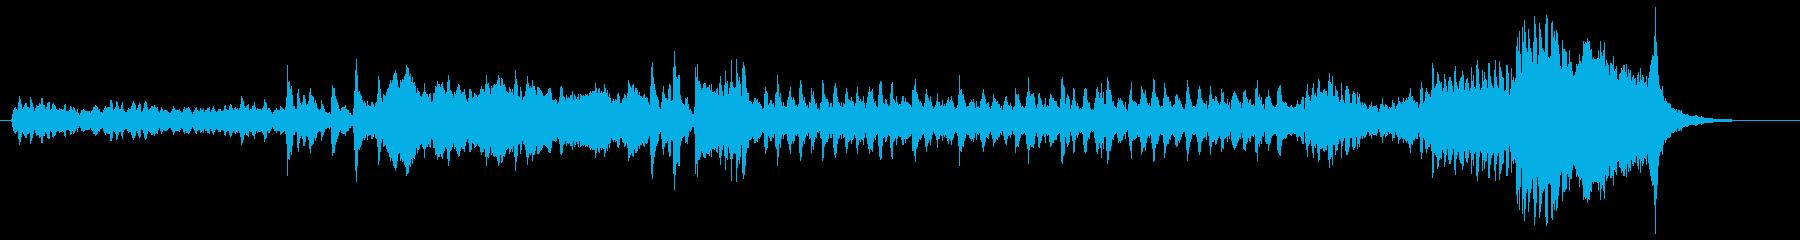 ハロウィンにぴったりな曲の再生済みの波形